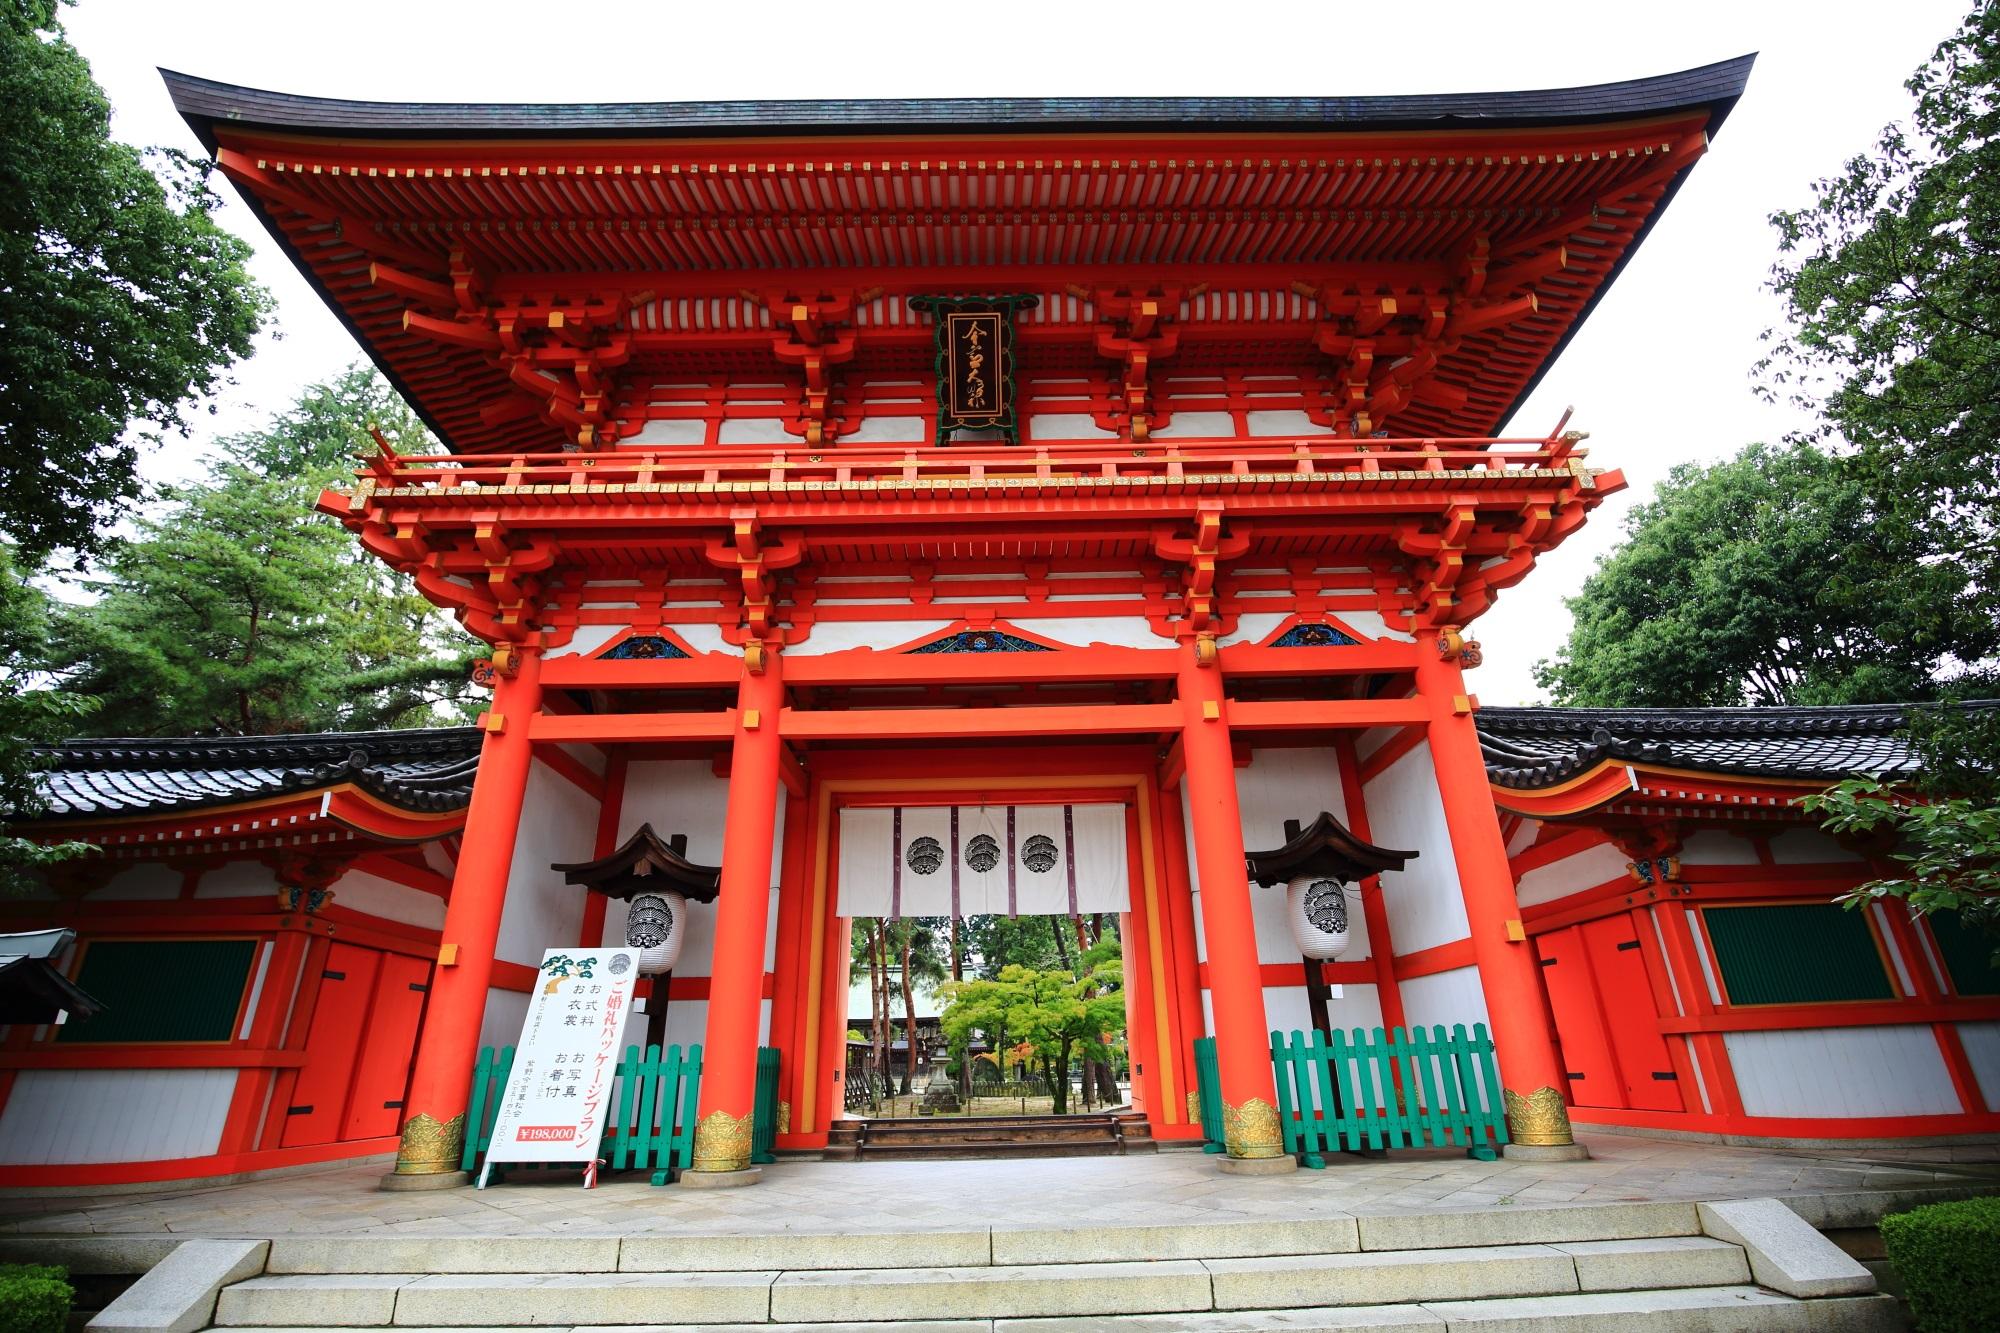 雄大さと上品さを兼ね備えた朱色の立派な楼門